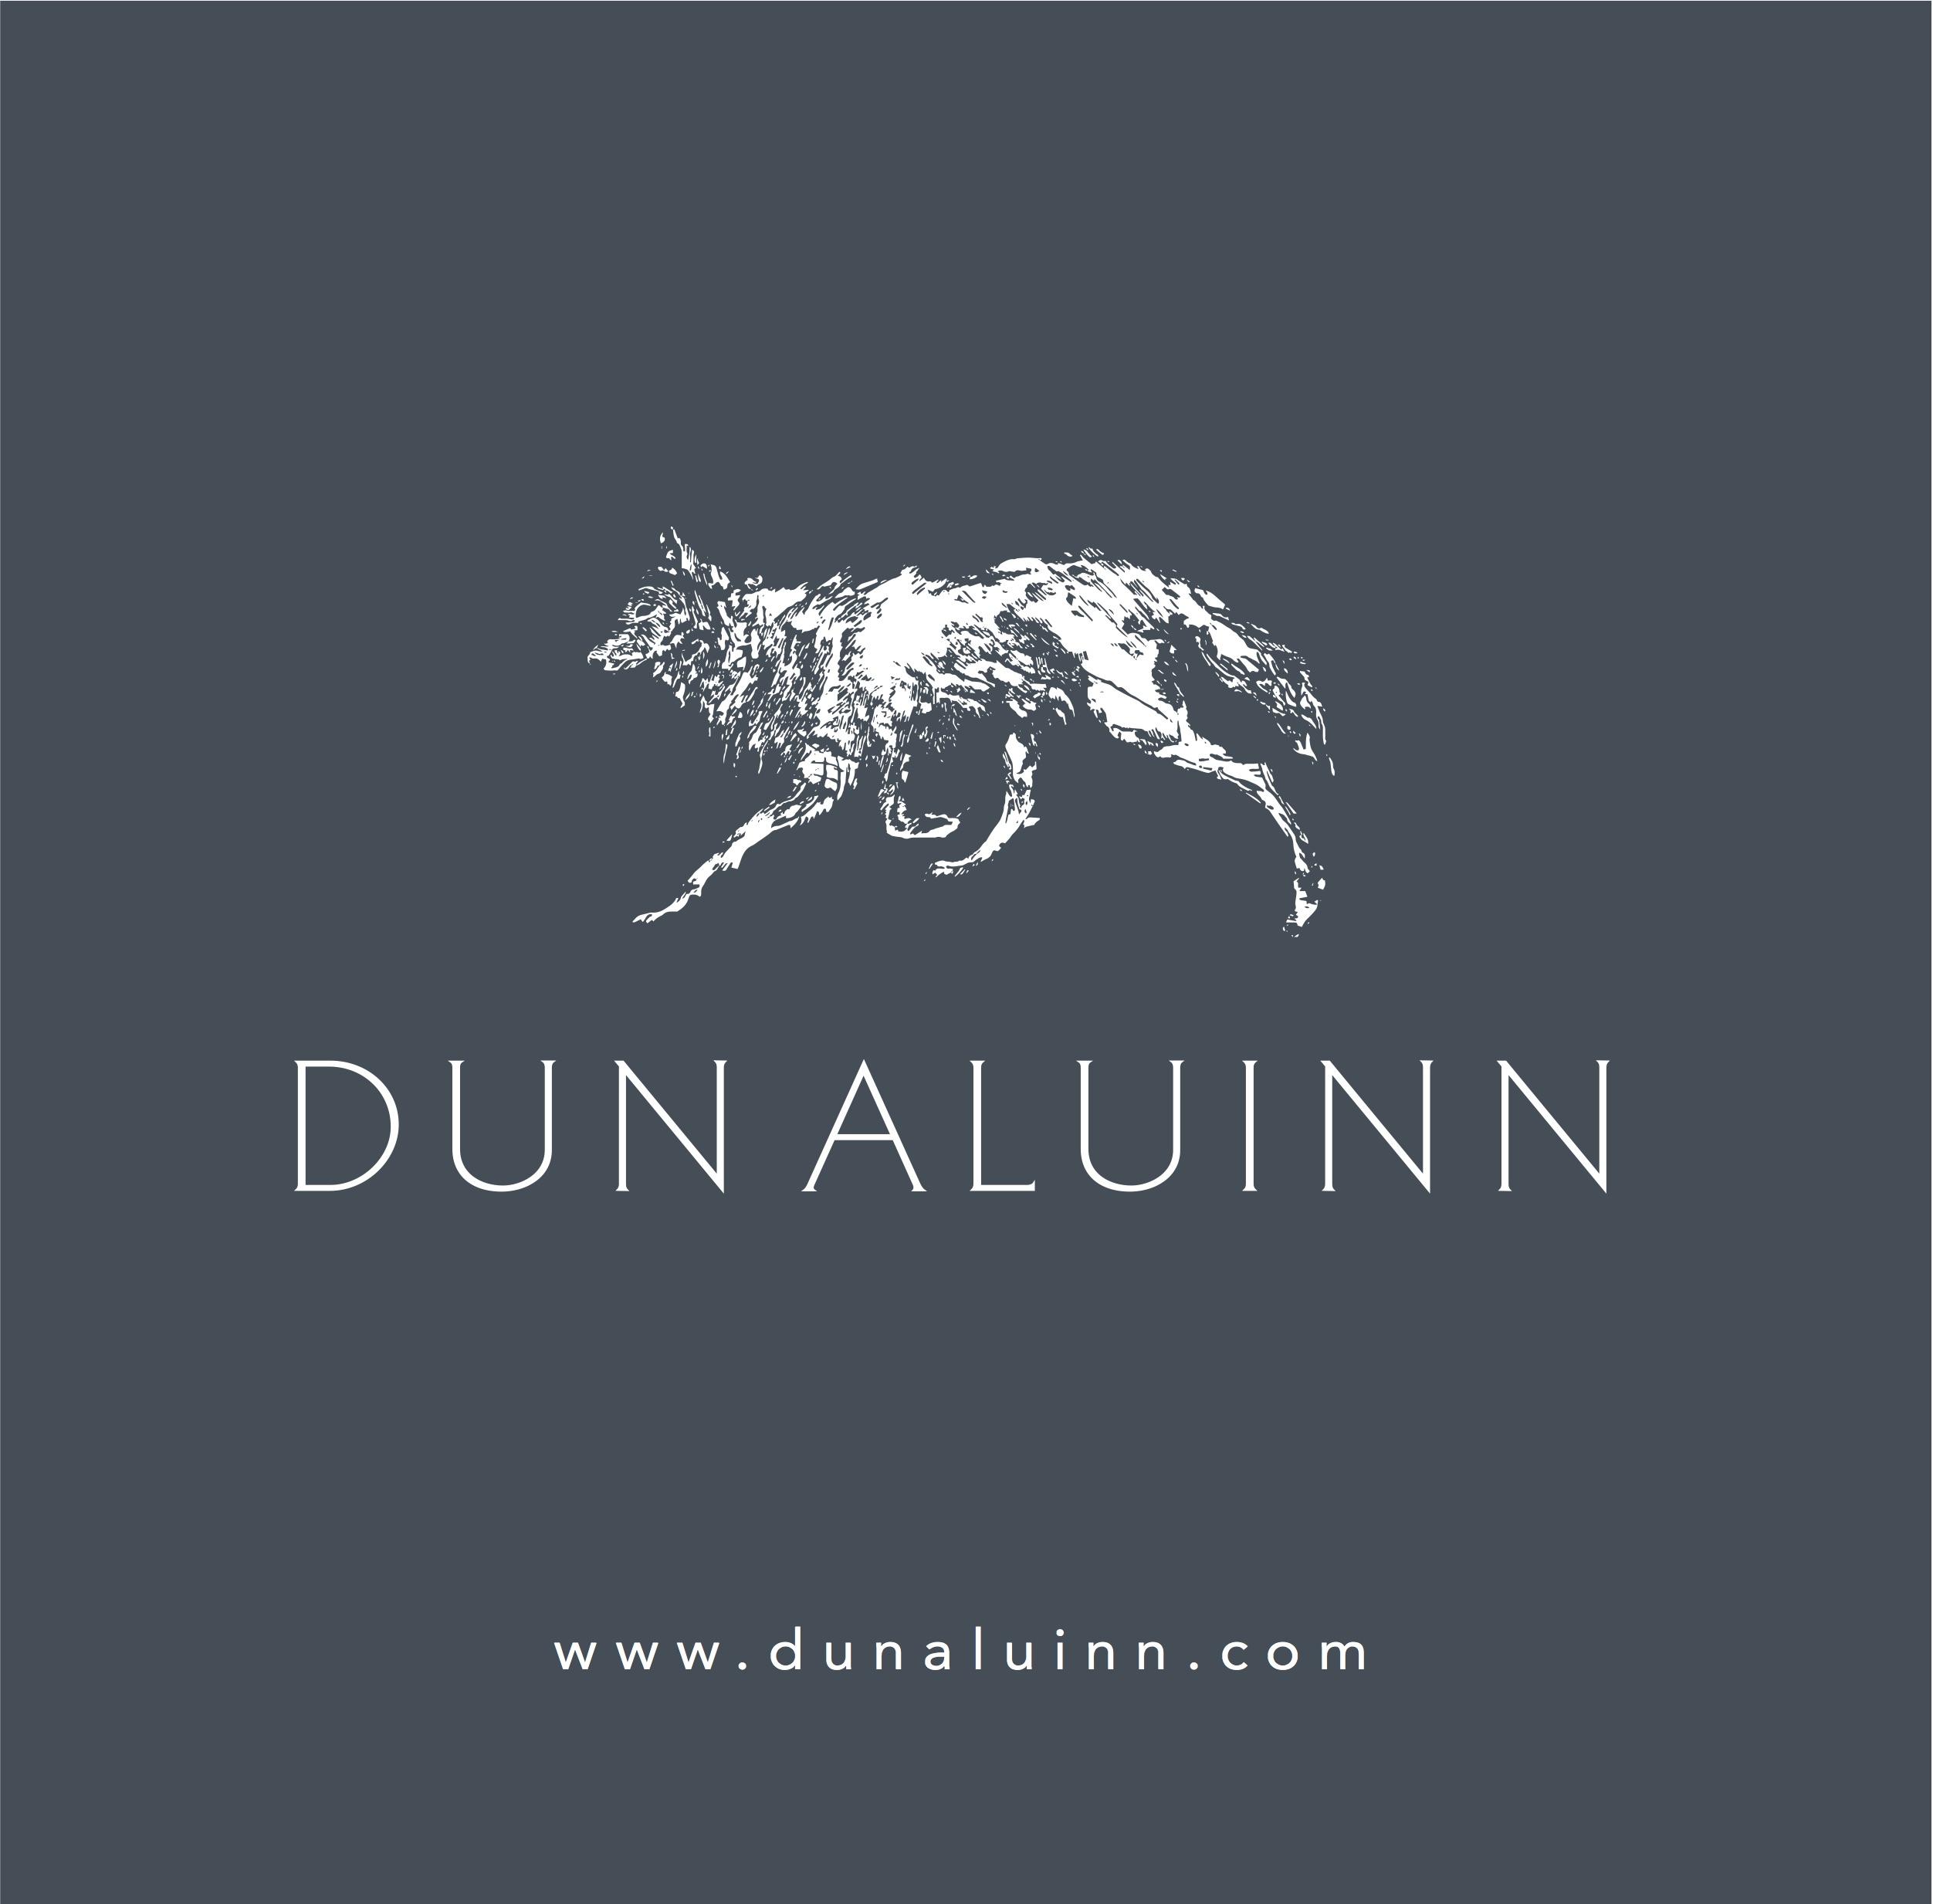 Dun Aluinn, Perthshire